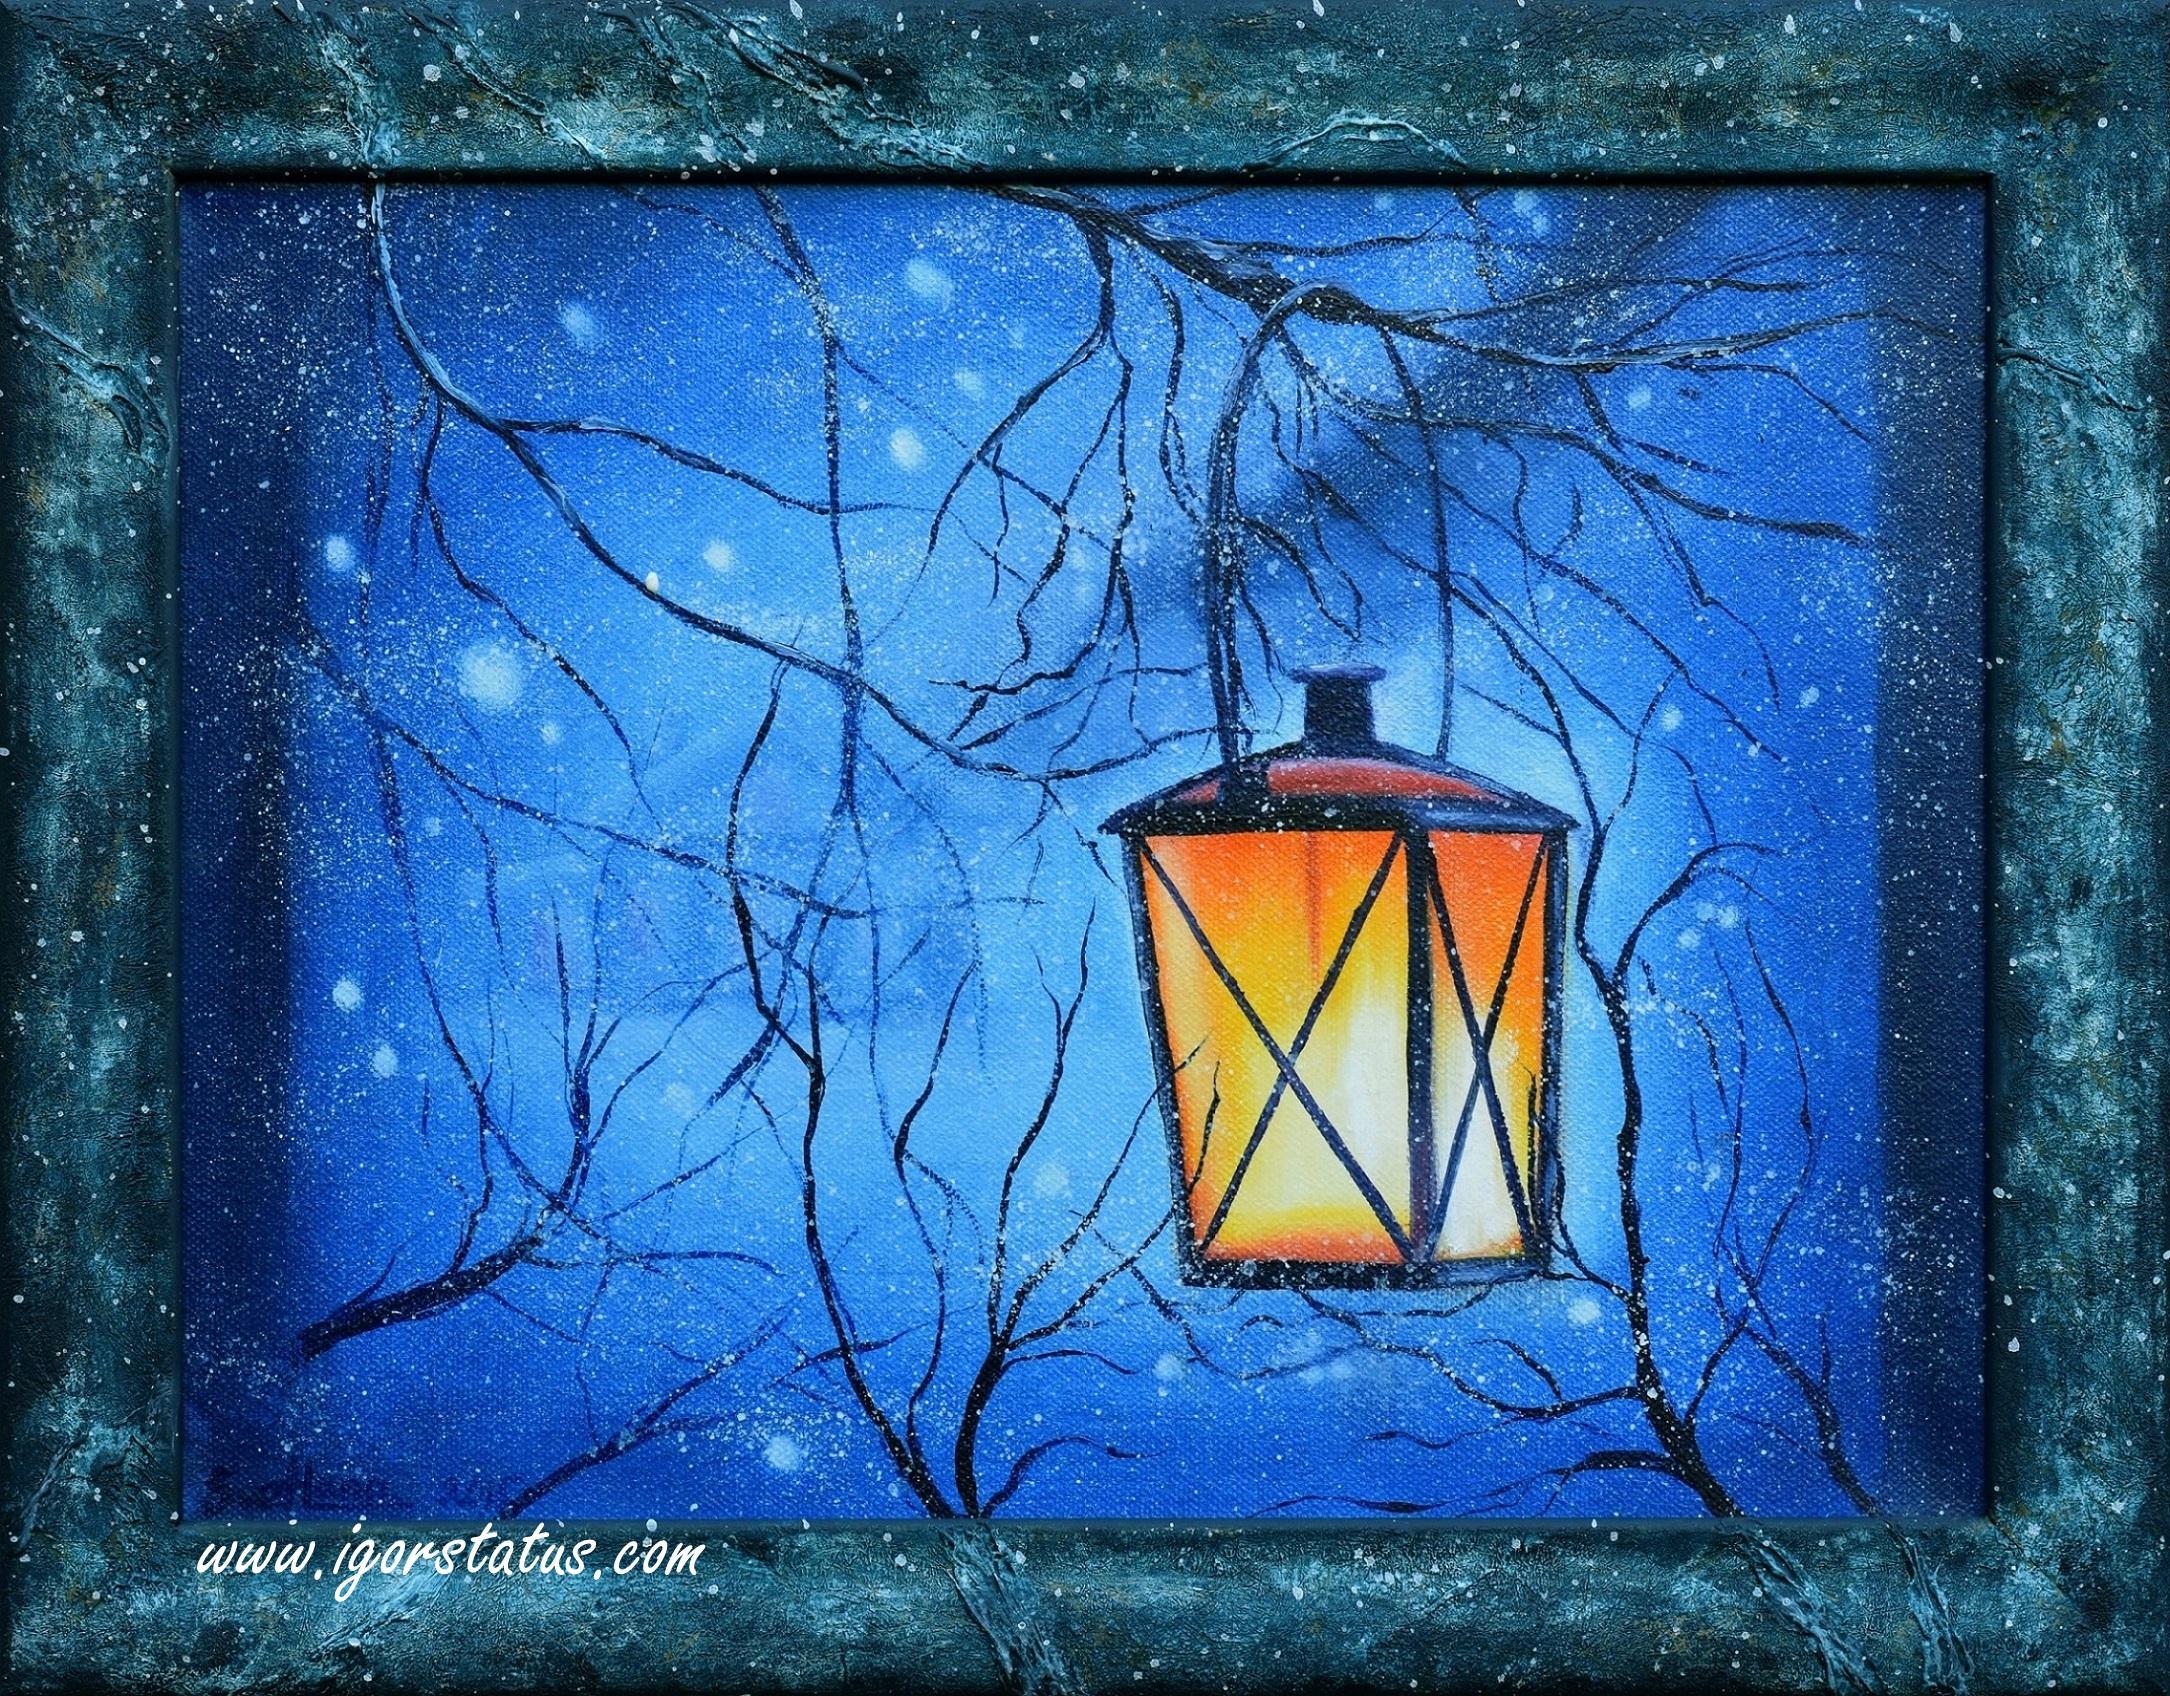 A lone lantern